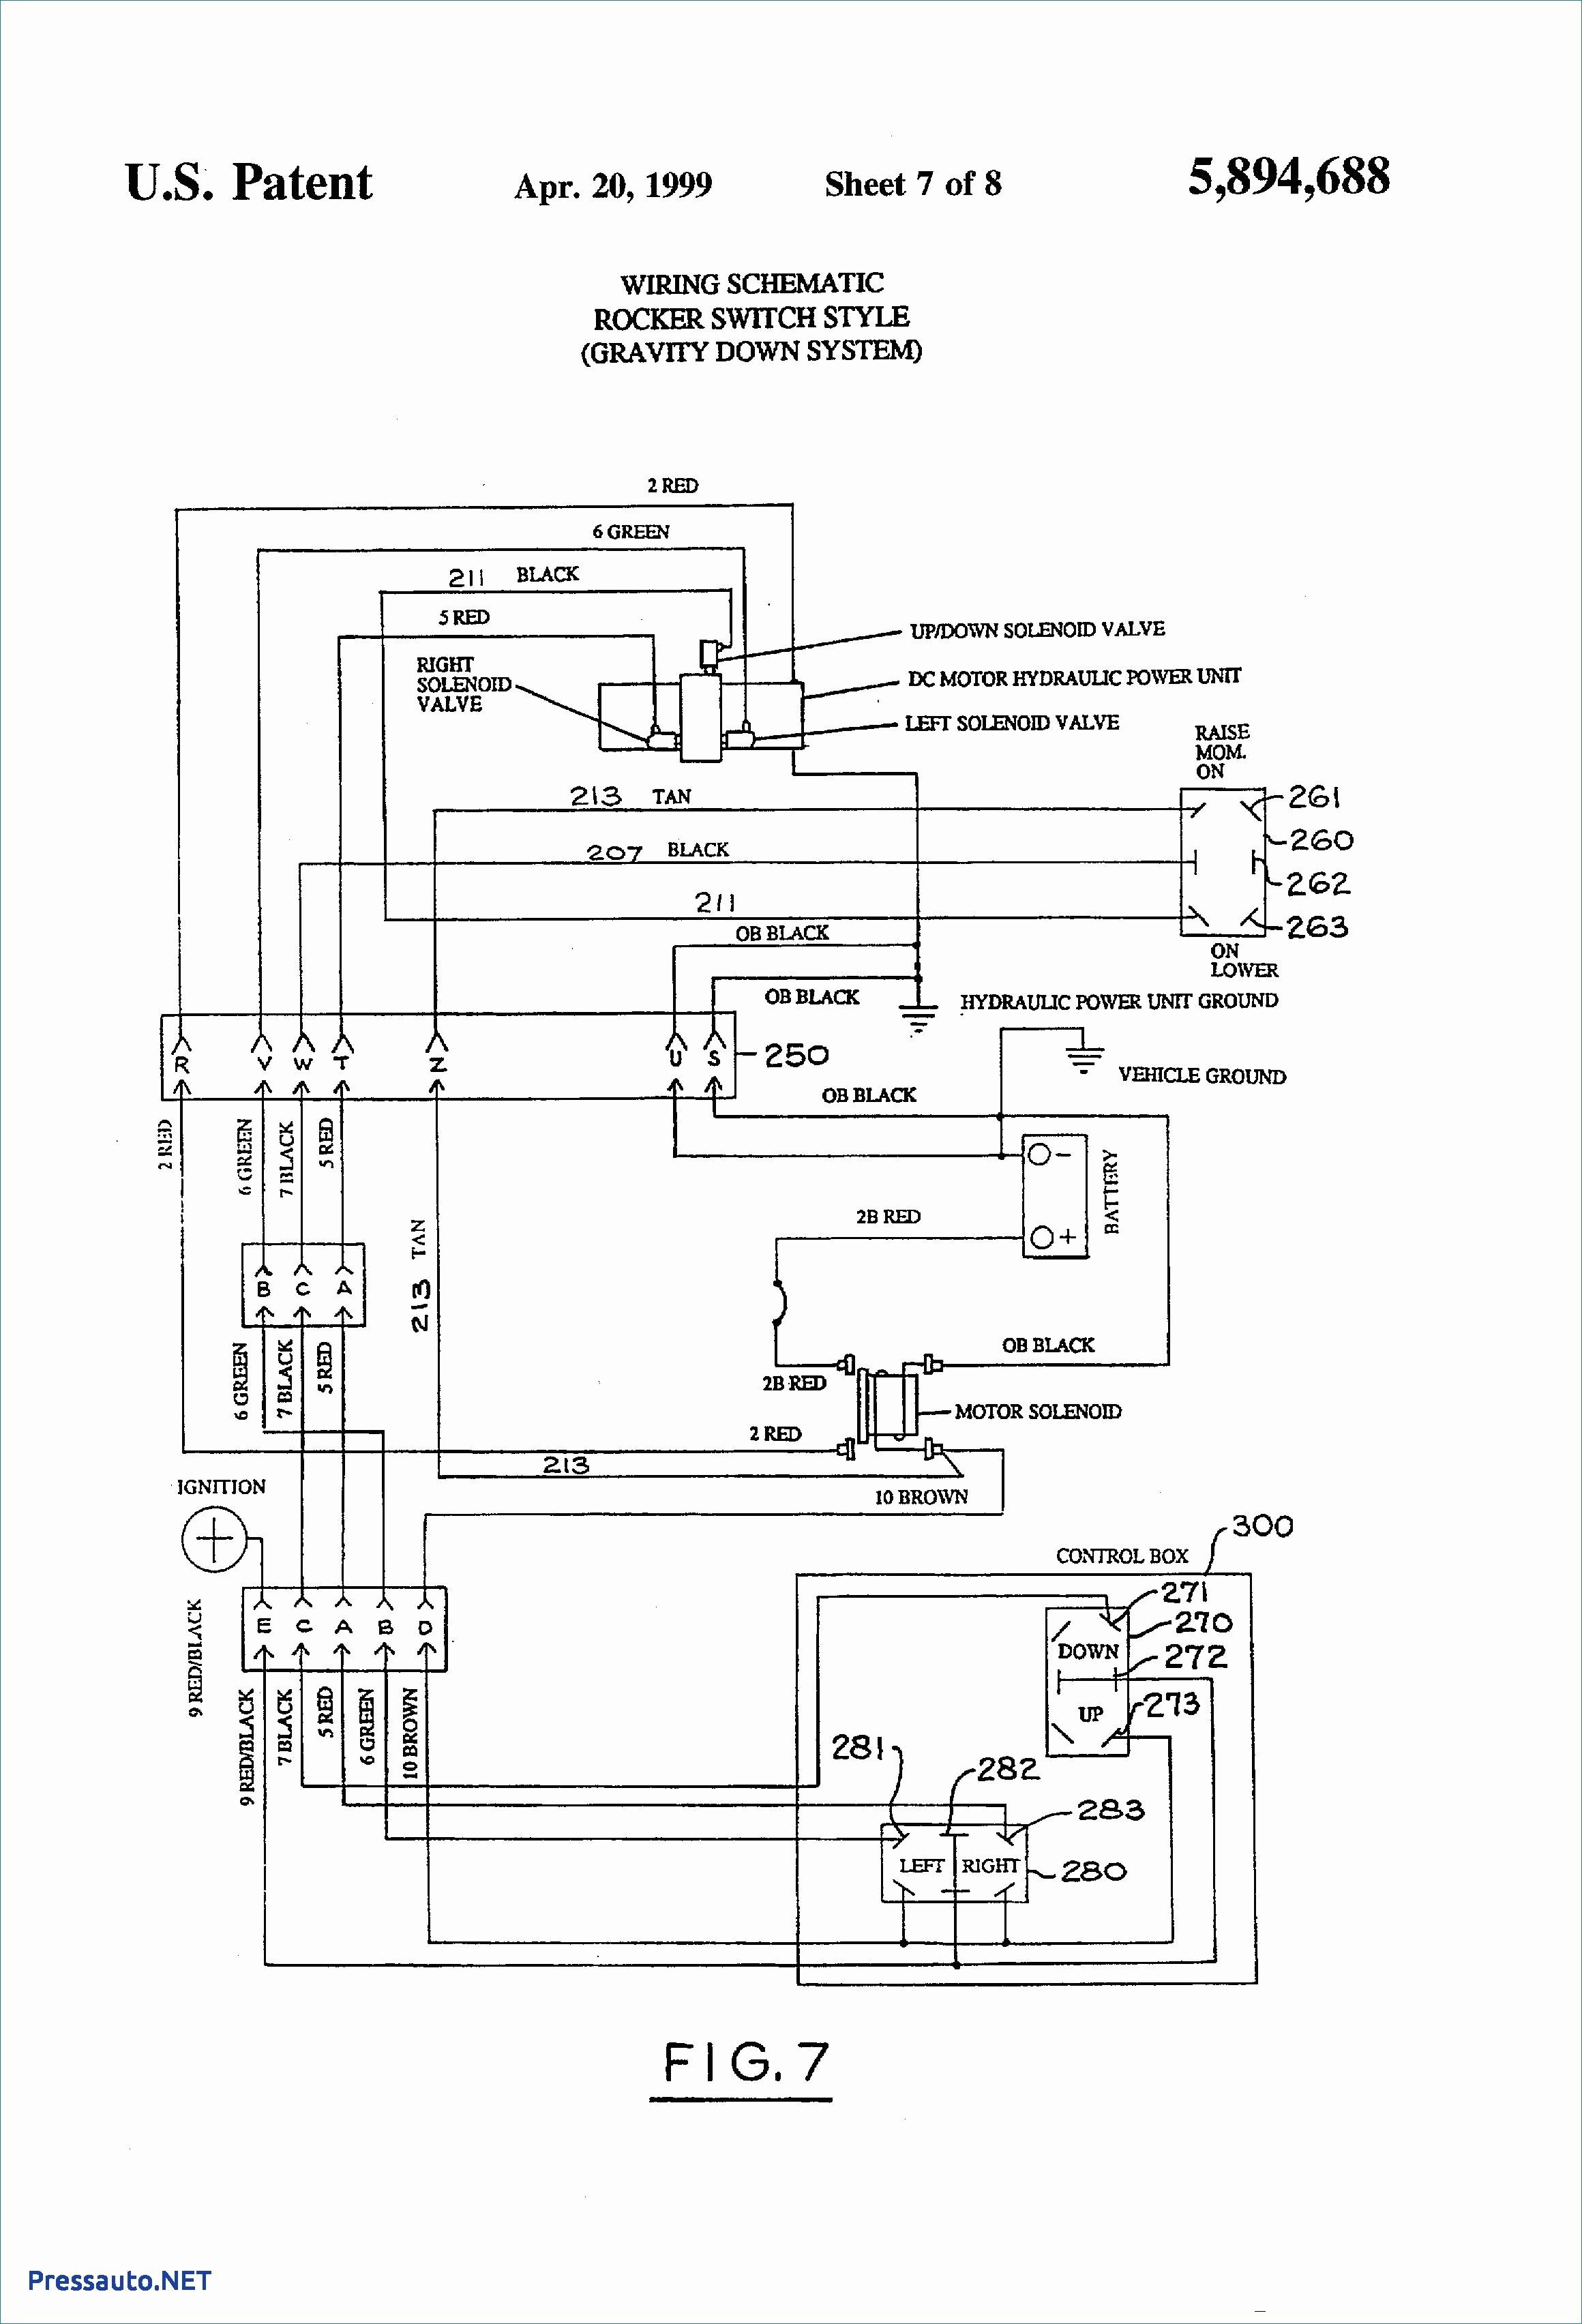 Western Plow Wiring Diagram New Western Unimount Wiring Diagram New Western Light Wiring Unimount